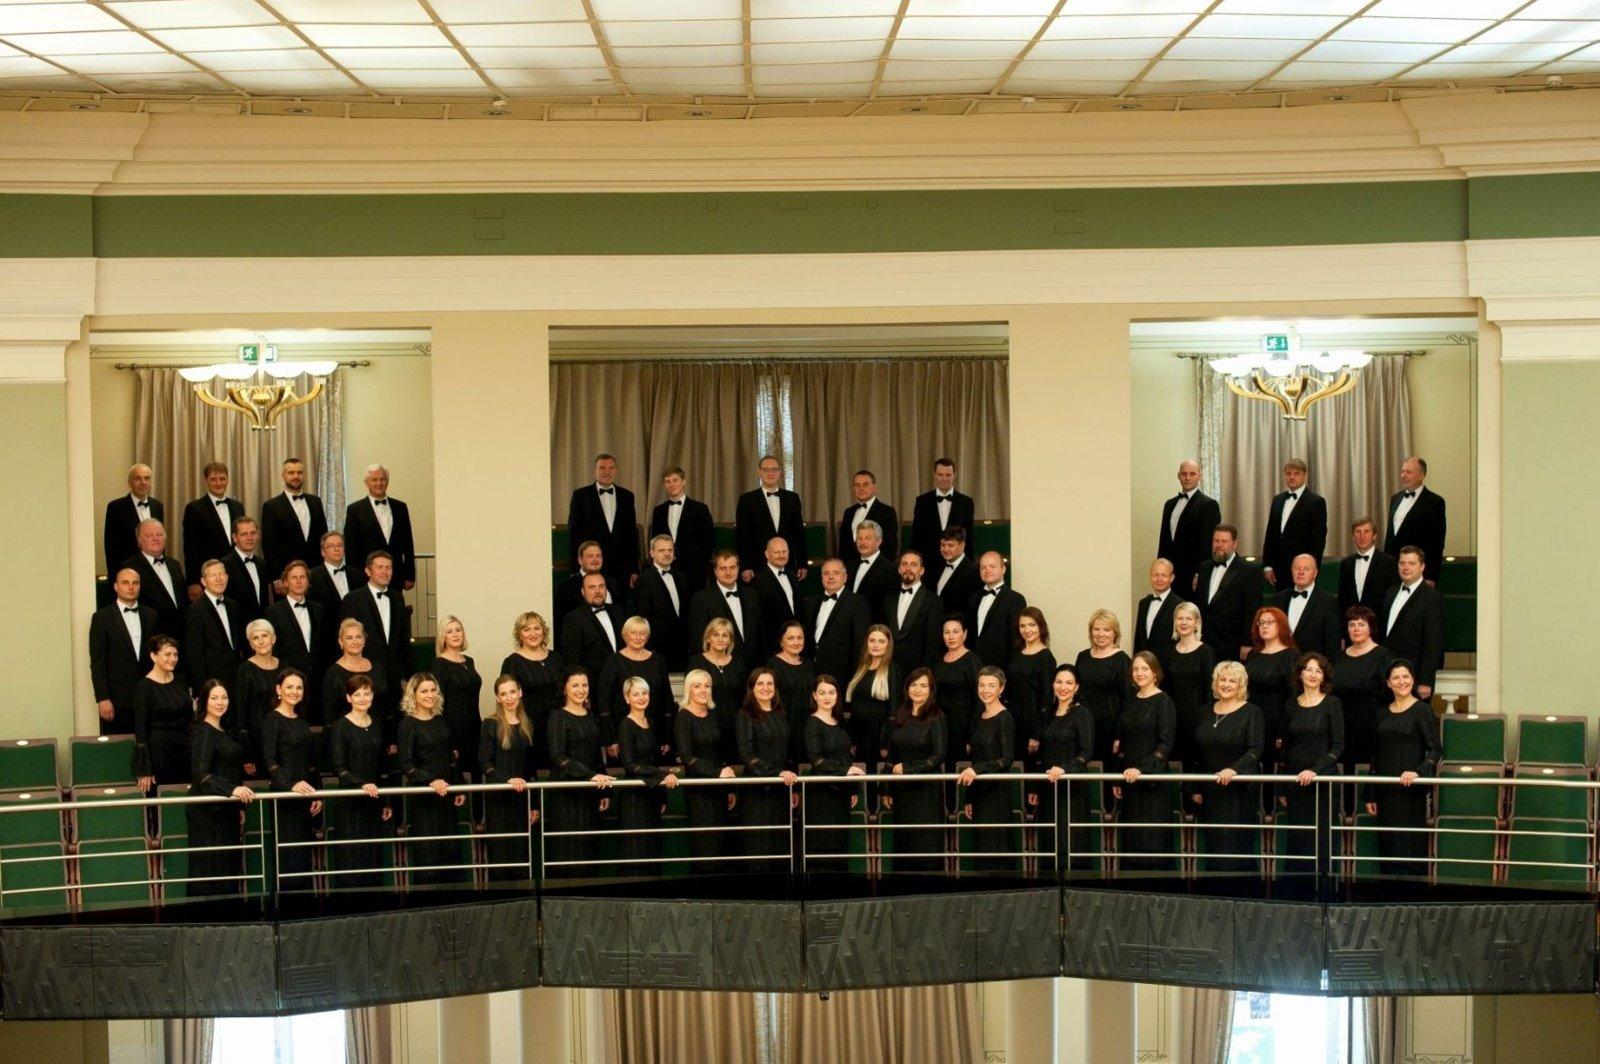 Pažaislio vienuolyno kieme skambės baigiamasis ilgiausiai trunkančio vasaros festivalio koncertas